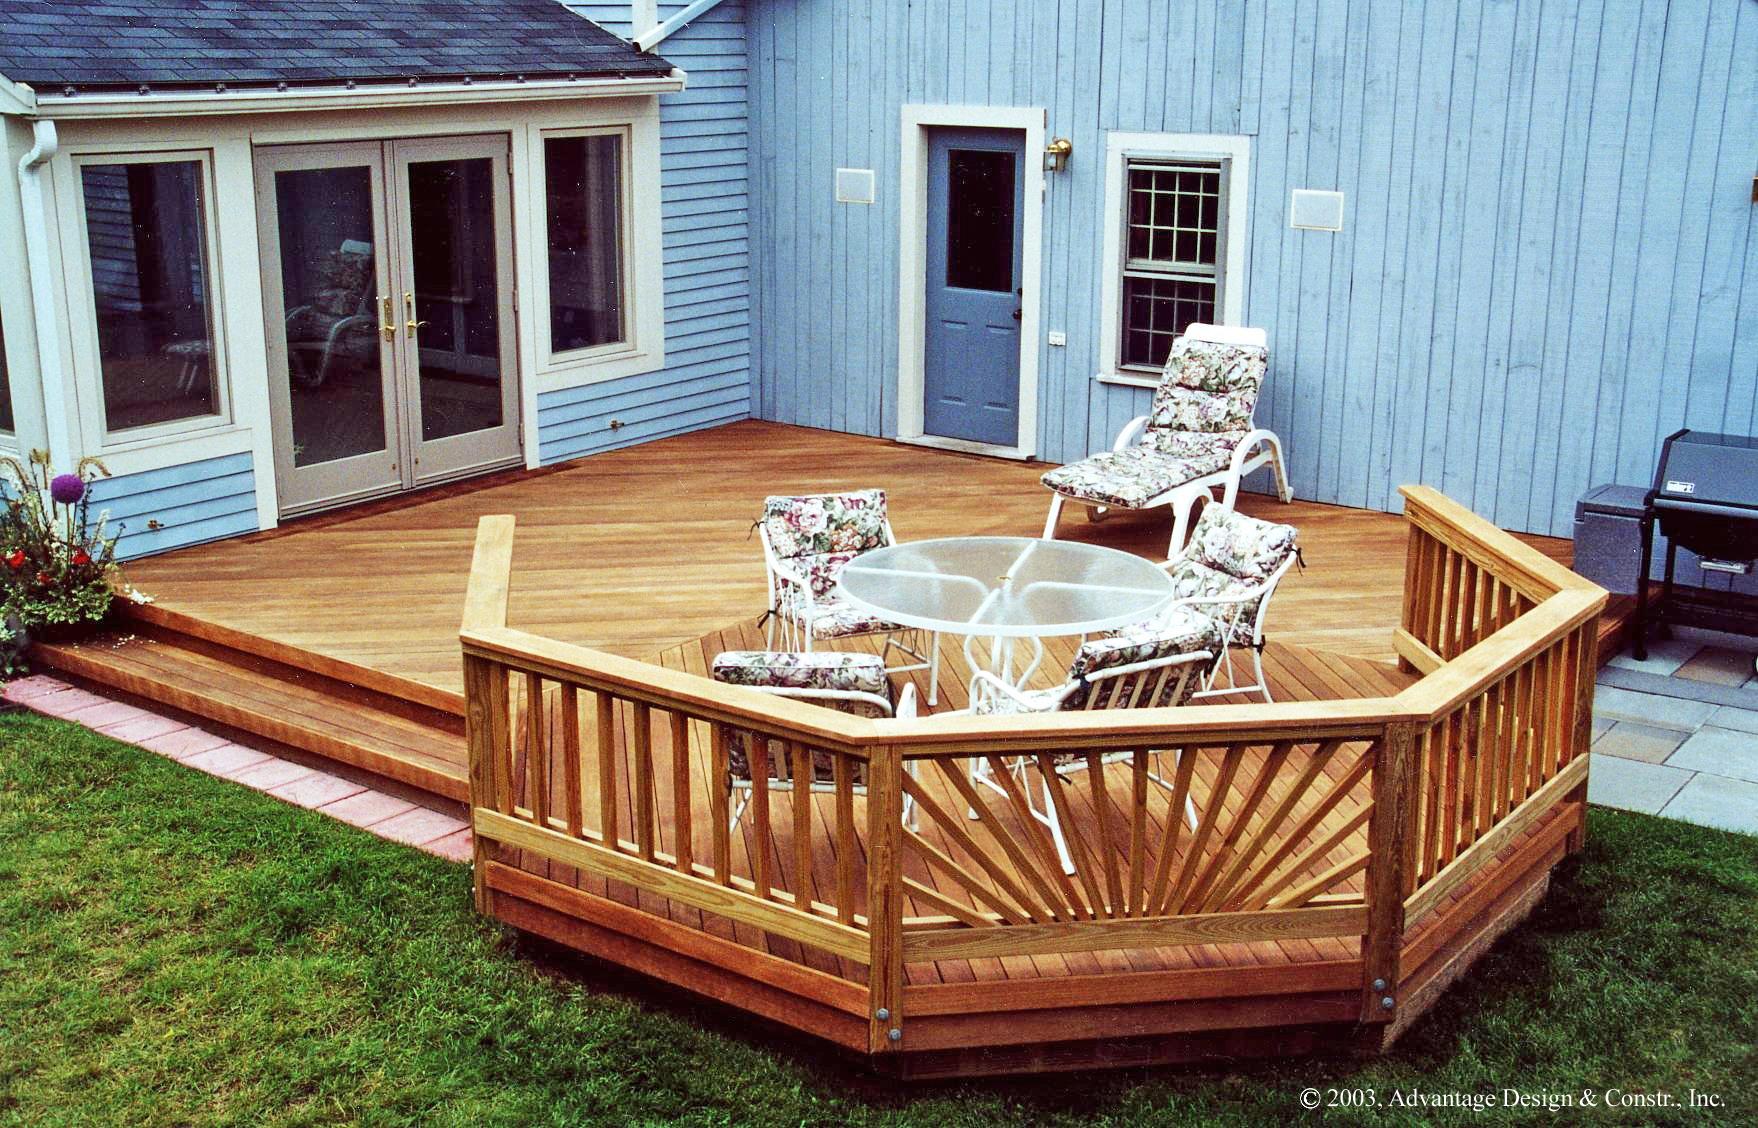 Choosing a Deck or a Patio? - Suburban Boston Decks and ... on Wood Deck Ideas For Backyard  id=48388